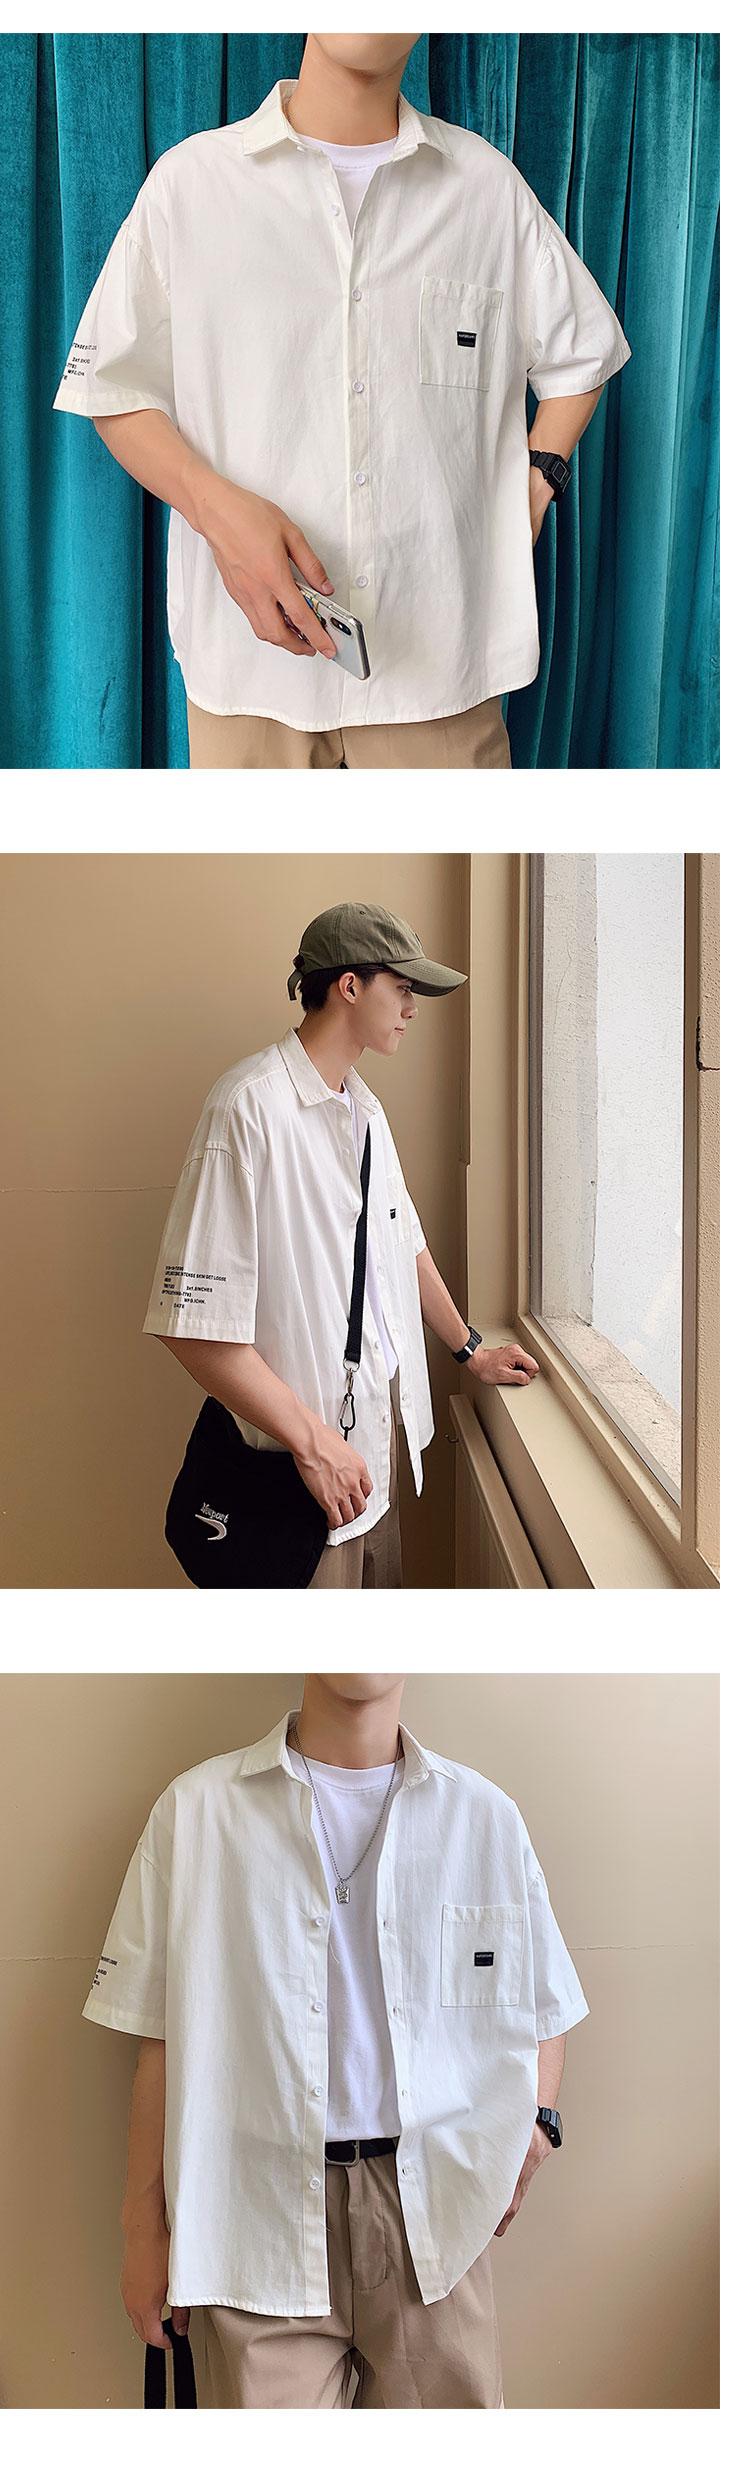 20新款半袖字母印花衬衣港风衬衫男休闲百搭衬衣D321 CC09 P48